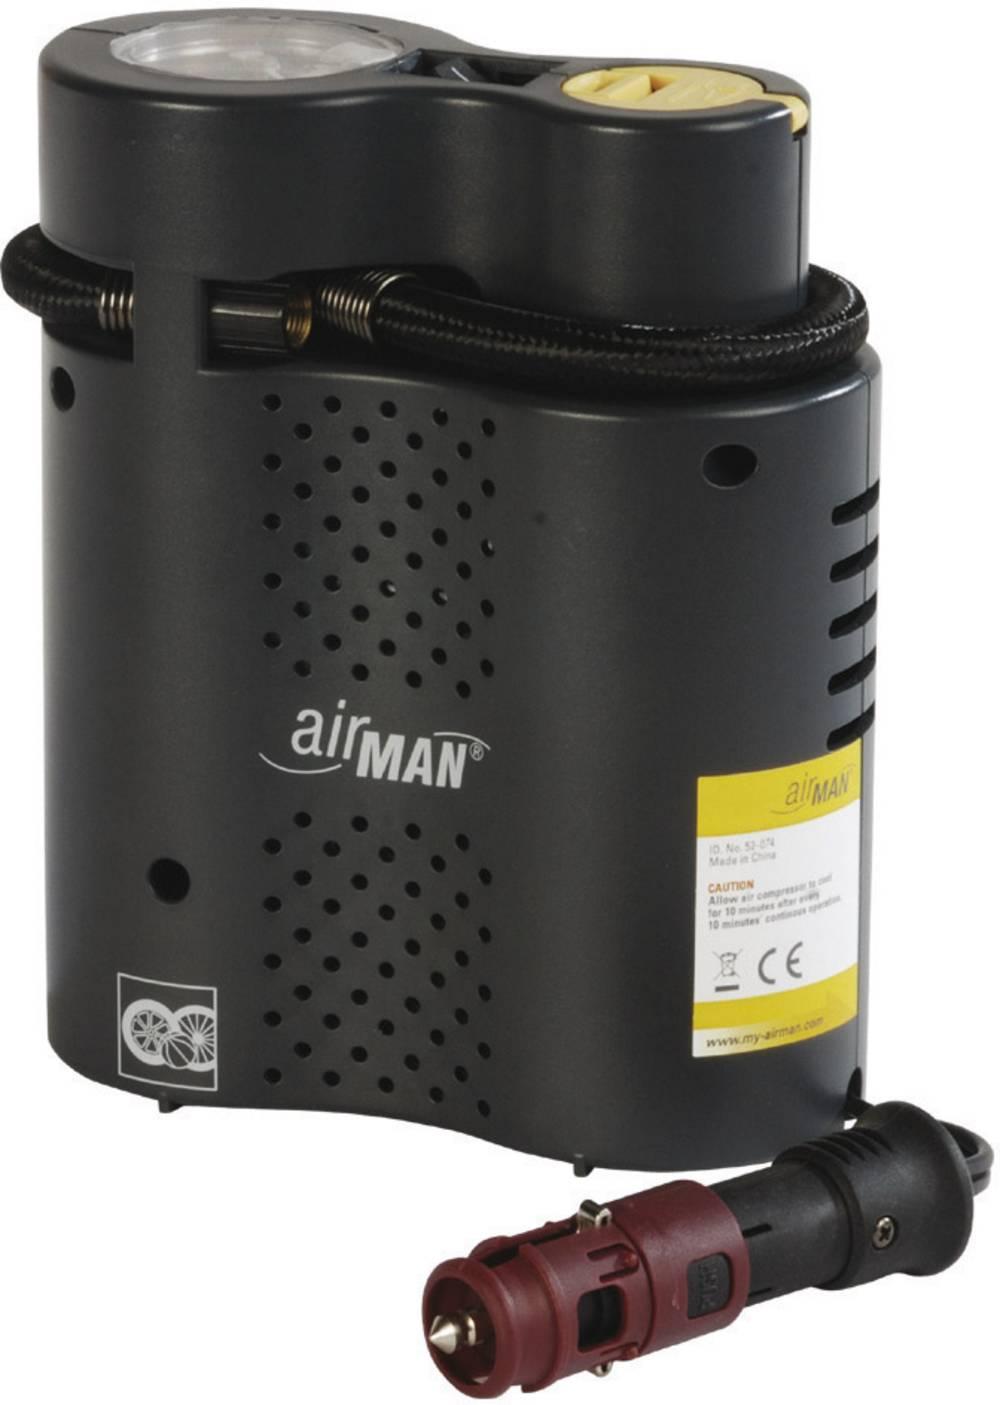 Kompressor 6 bar Airman 52-074-011 Automatisk slukning, Opbevaringskasse/-taske , Ledningsrum/-optagelse, Analog trykmåler